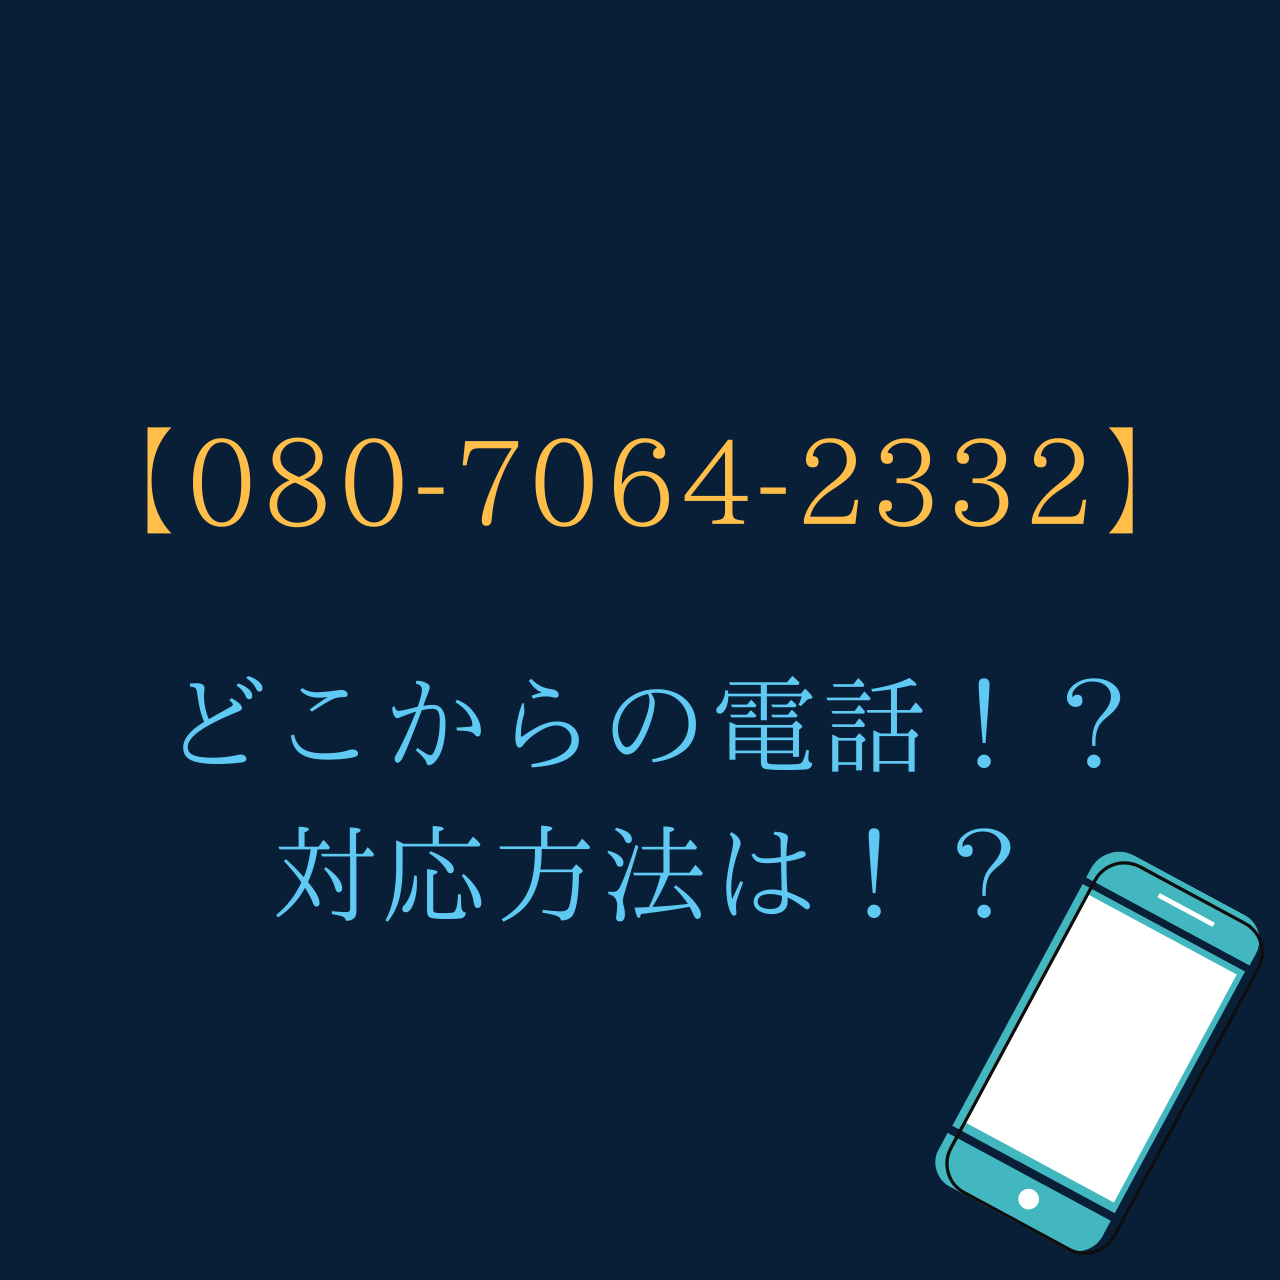 08070642332は闇金